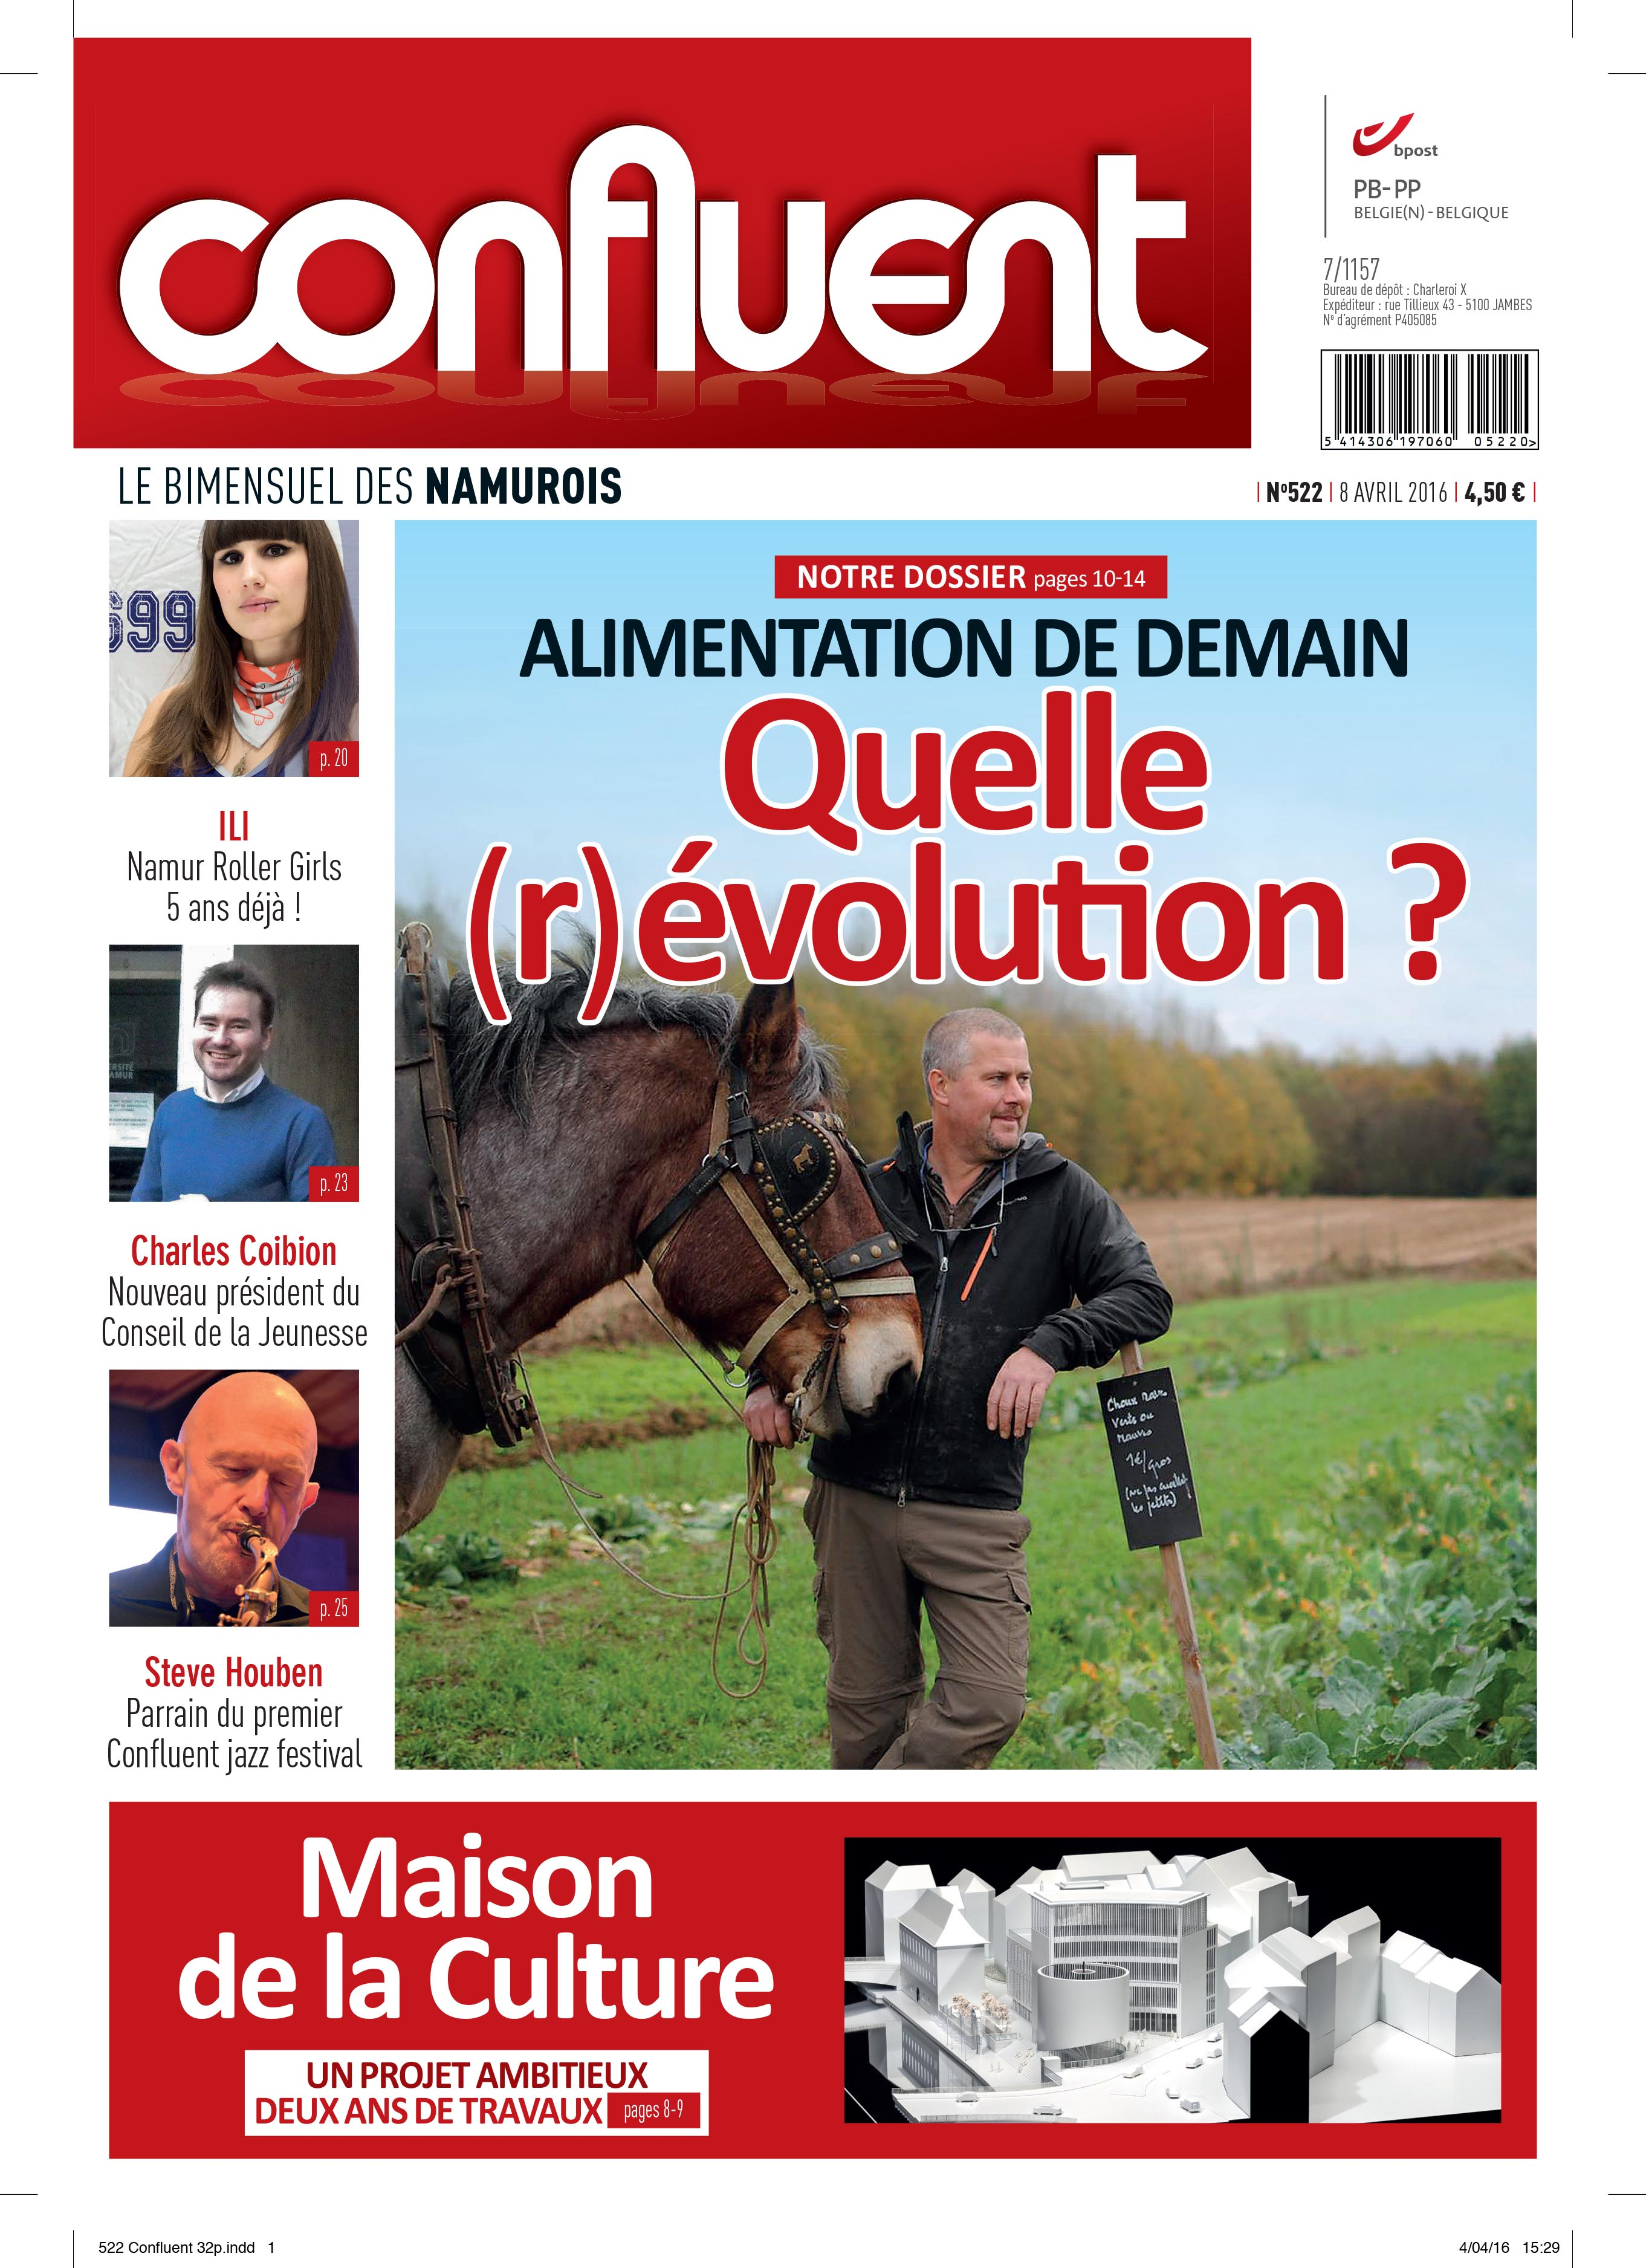 Le confluent du 8 avril 2016 - Jardin maison de la culture namur montreuil ...